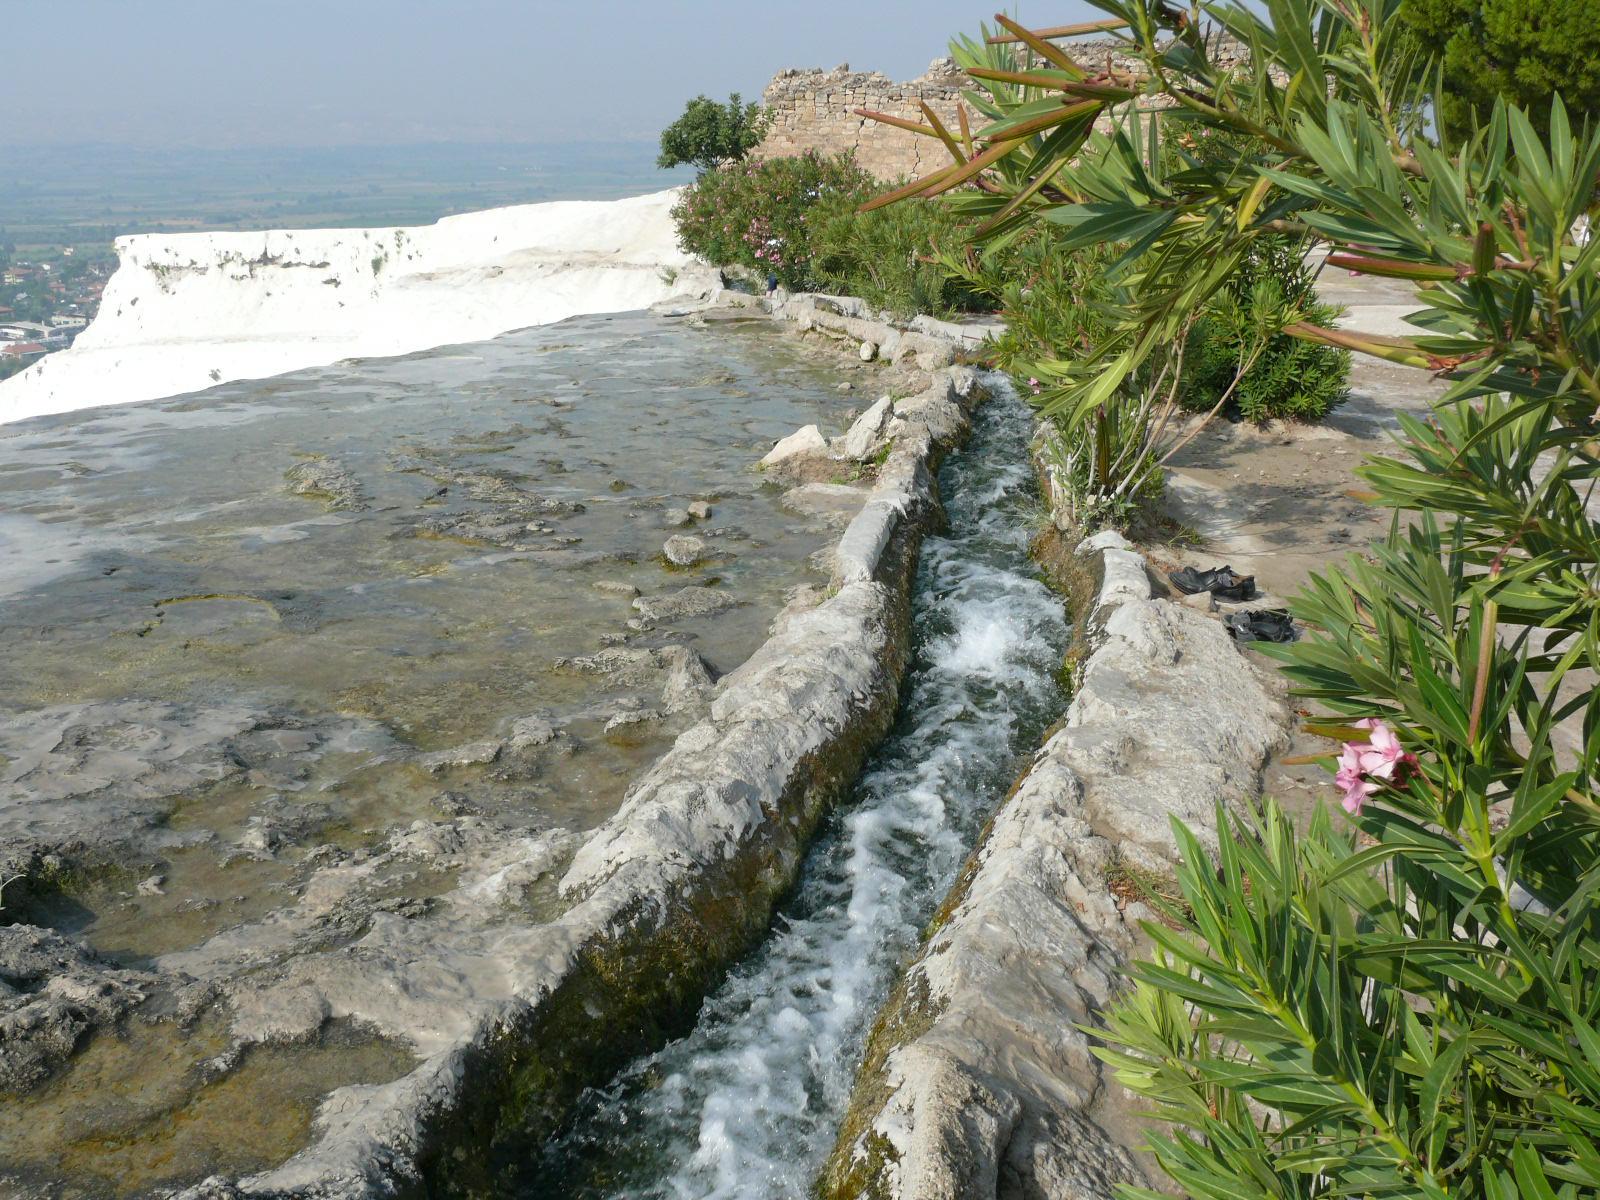 Pamukkale (Hierapolis) springs